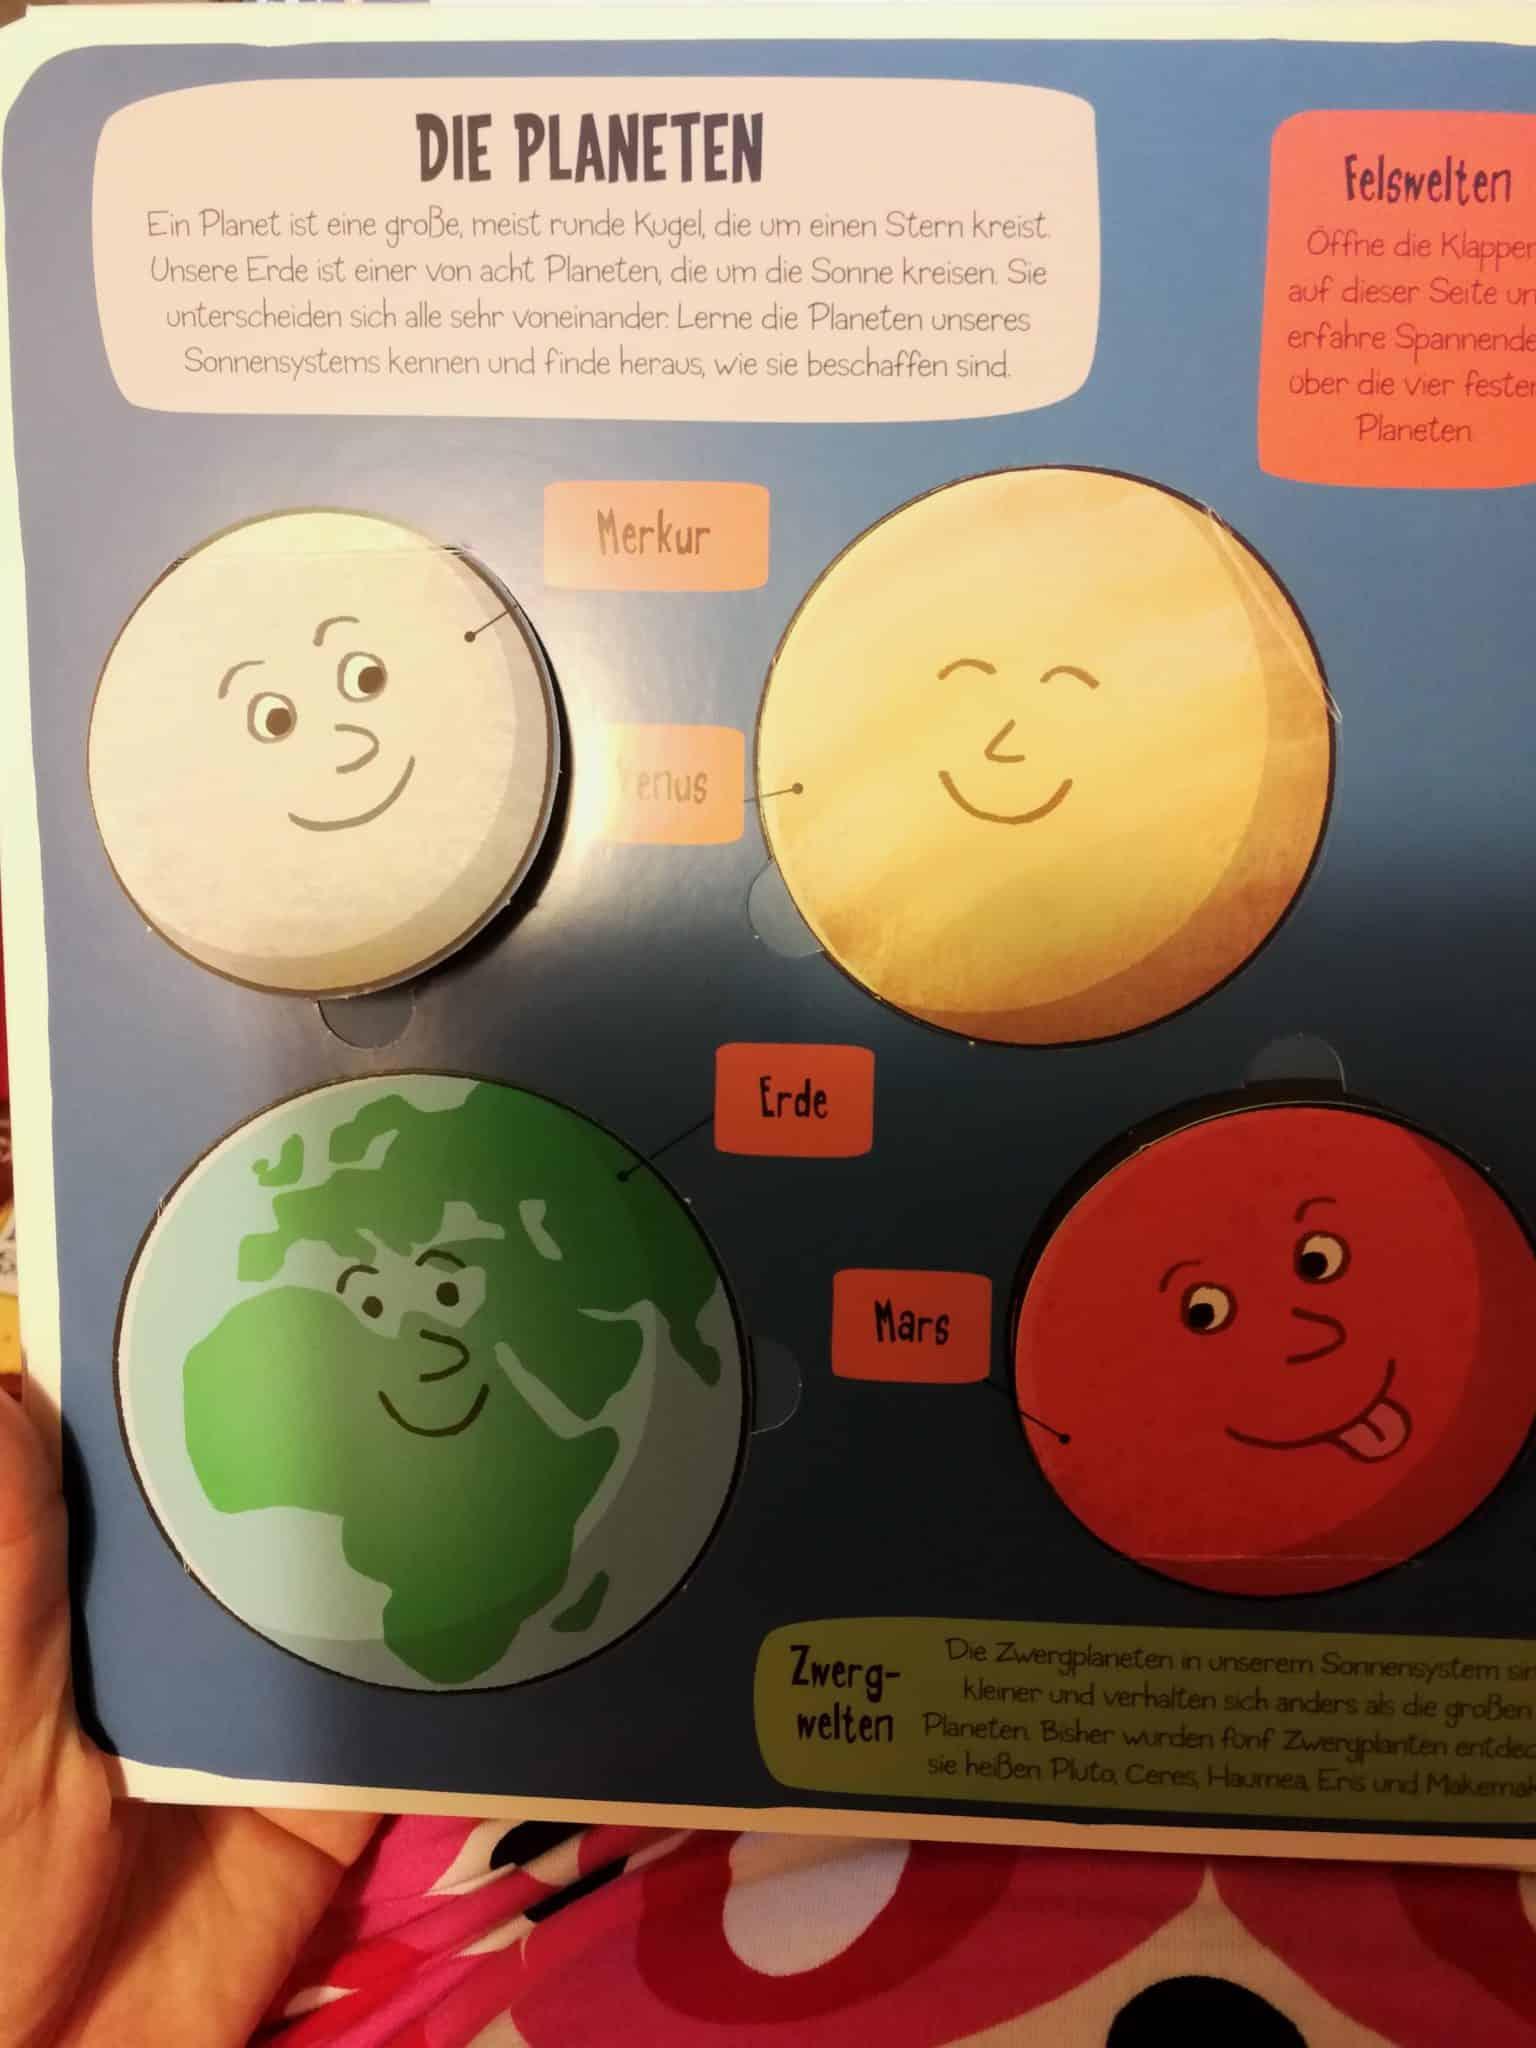 Planetenbuch für Kindern